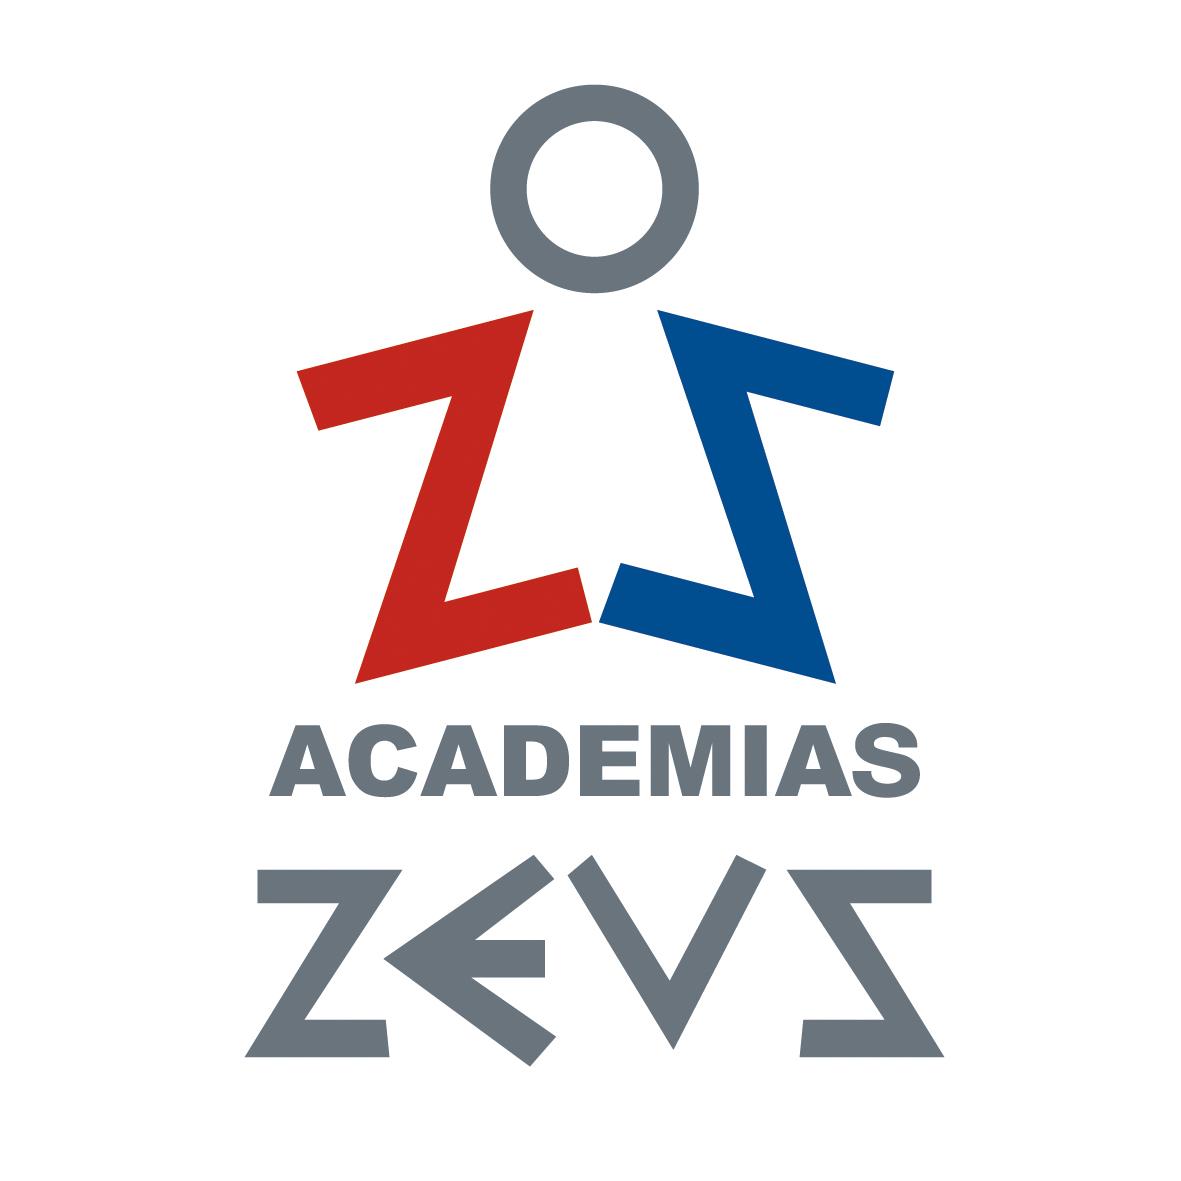 ACADEMIA ZEUS